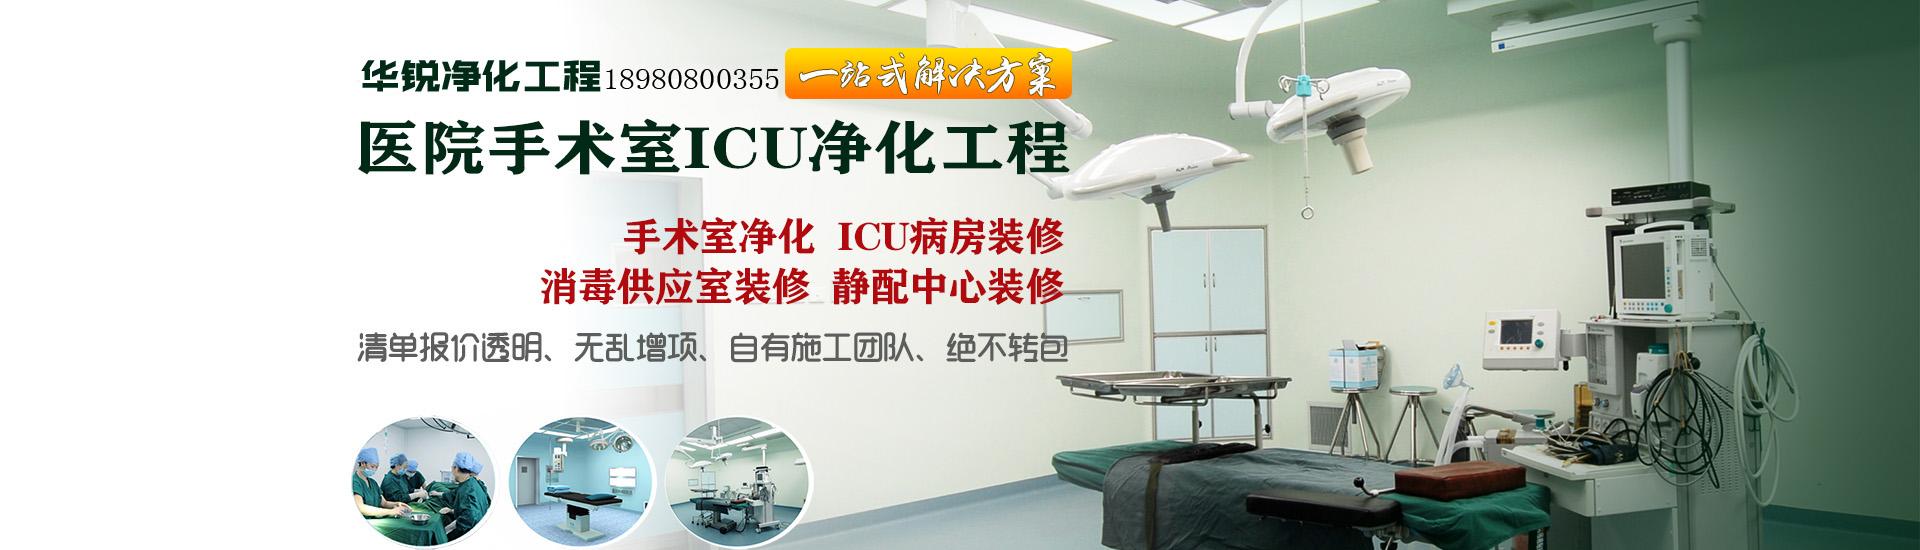 医院手术室ICU净化工程banner